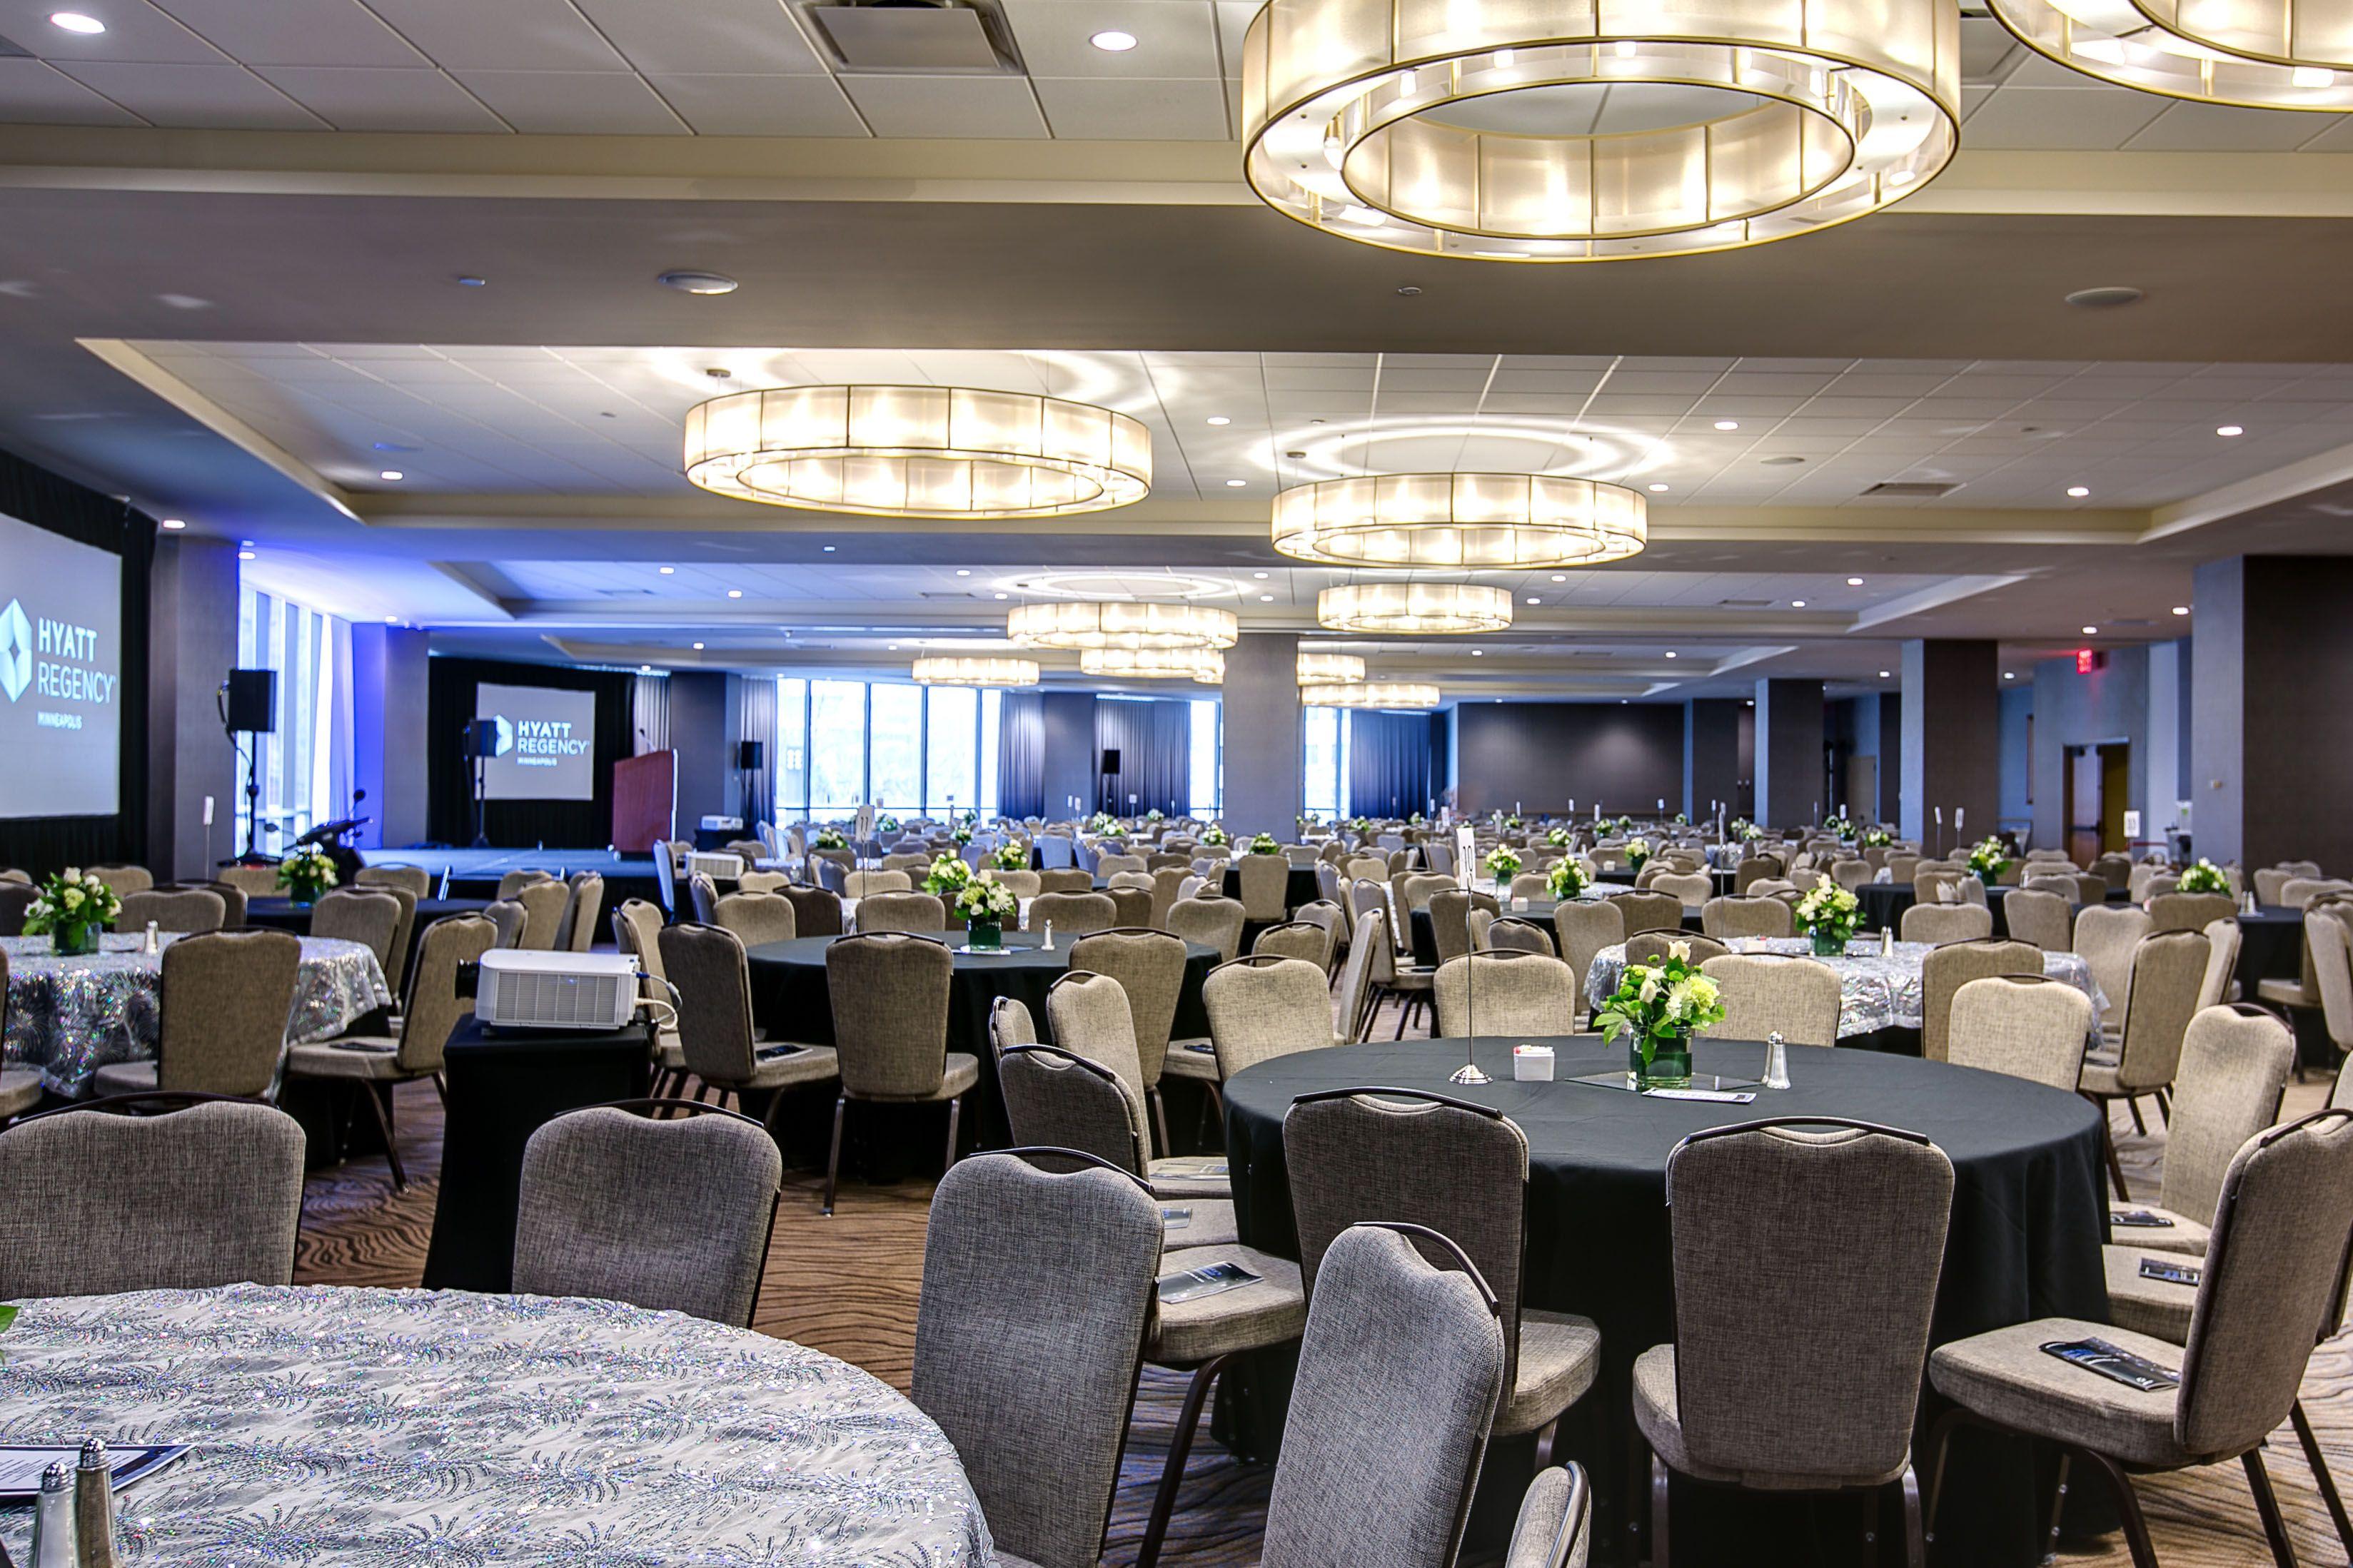 Northstar Ballroom at the Hyatt Regency Minneapolis